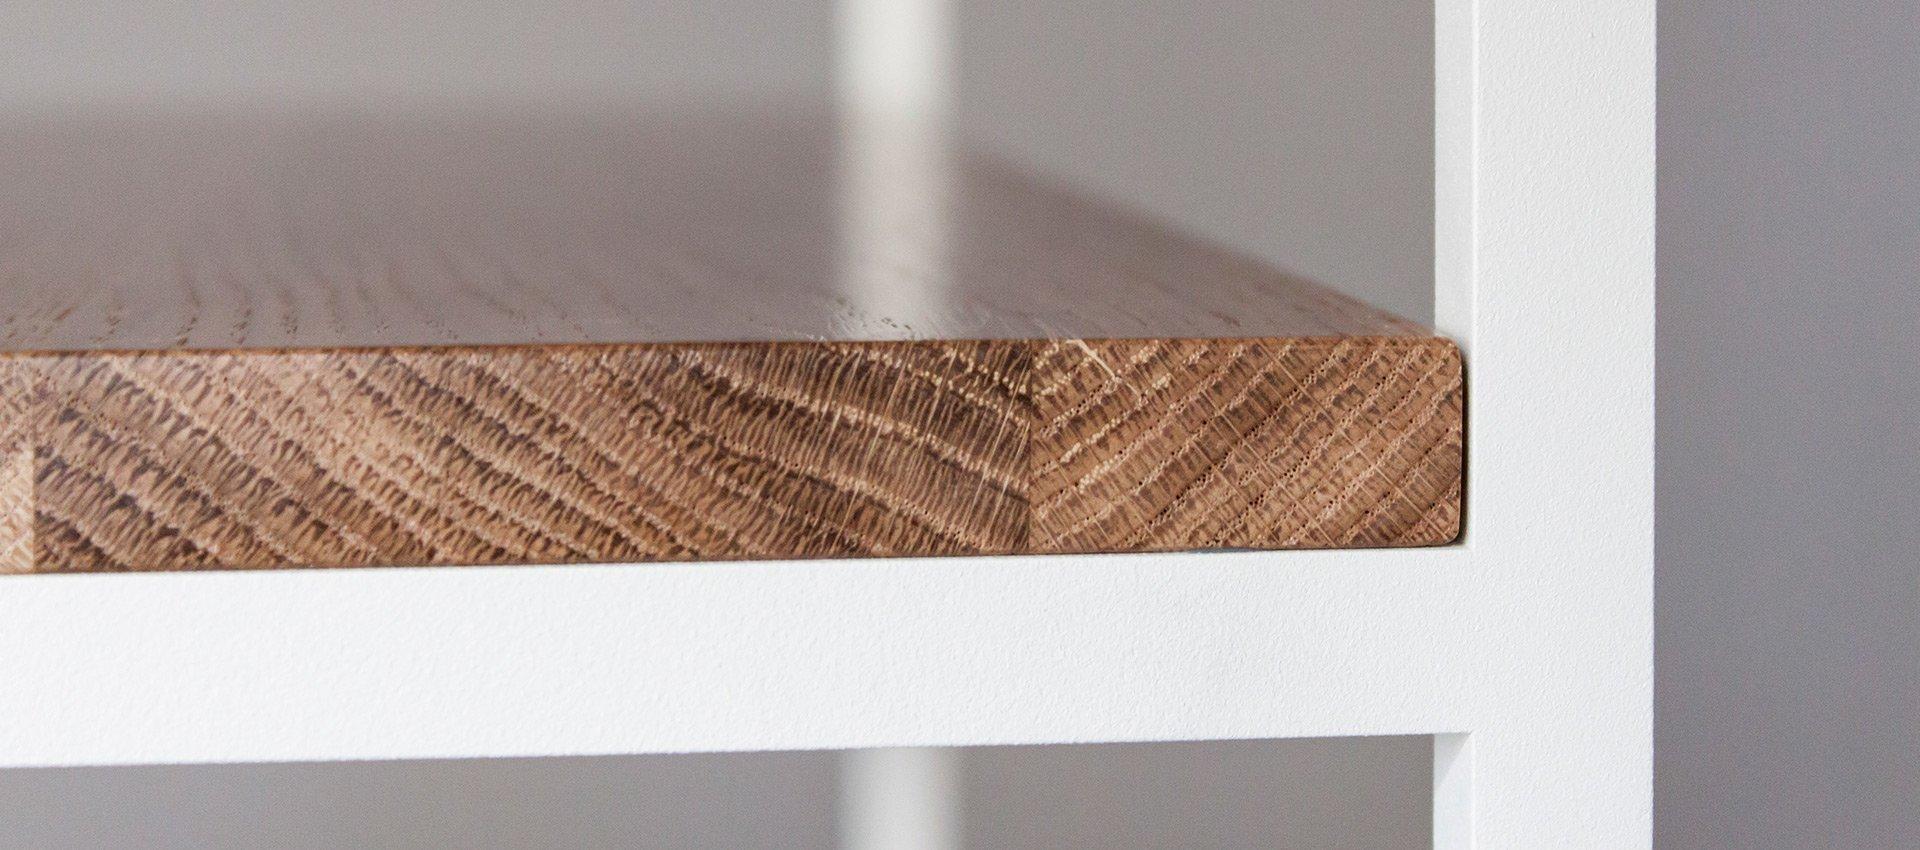 Łączenie dębowej półki z metalem